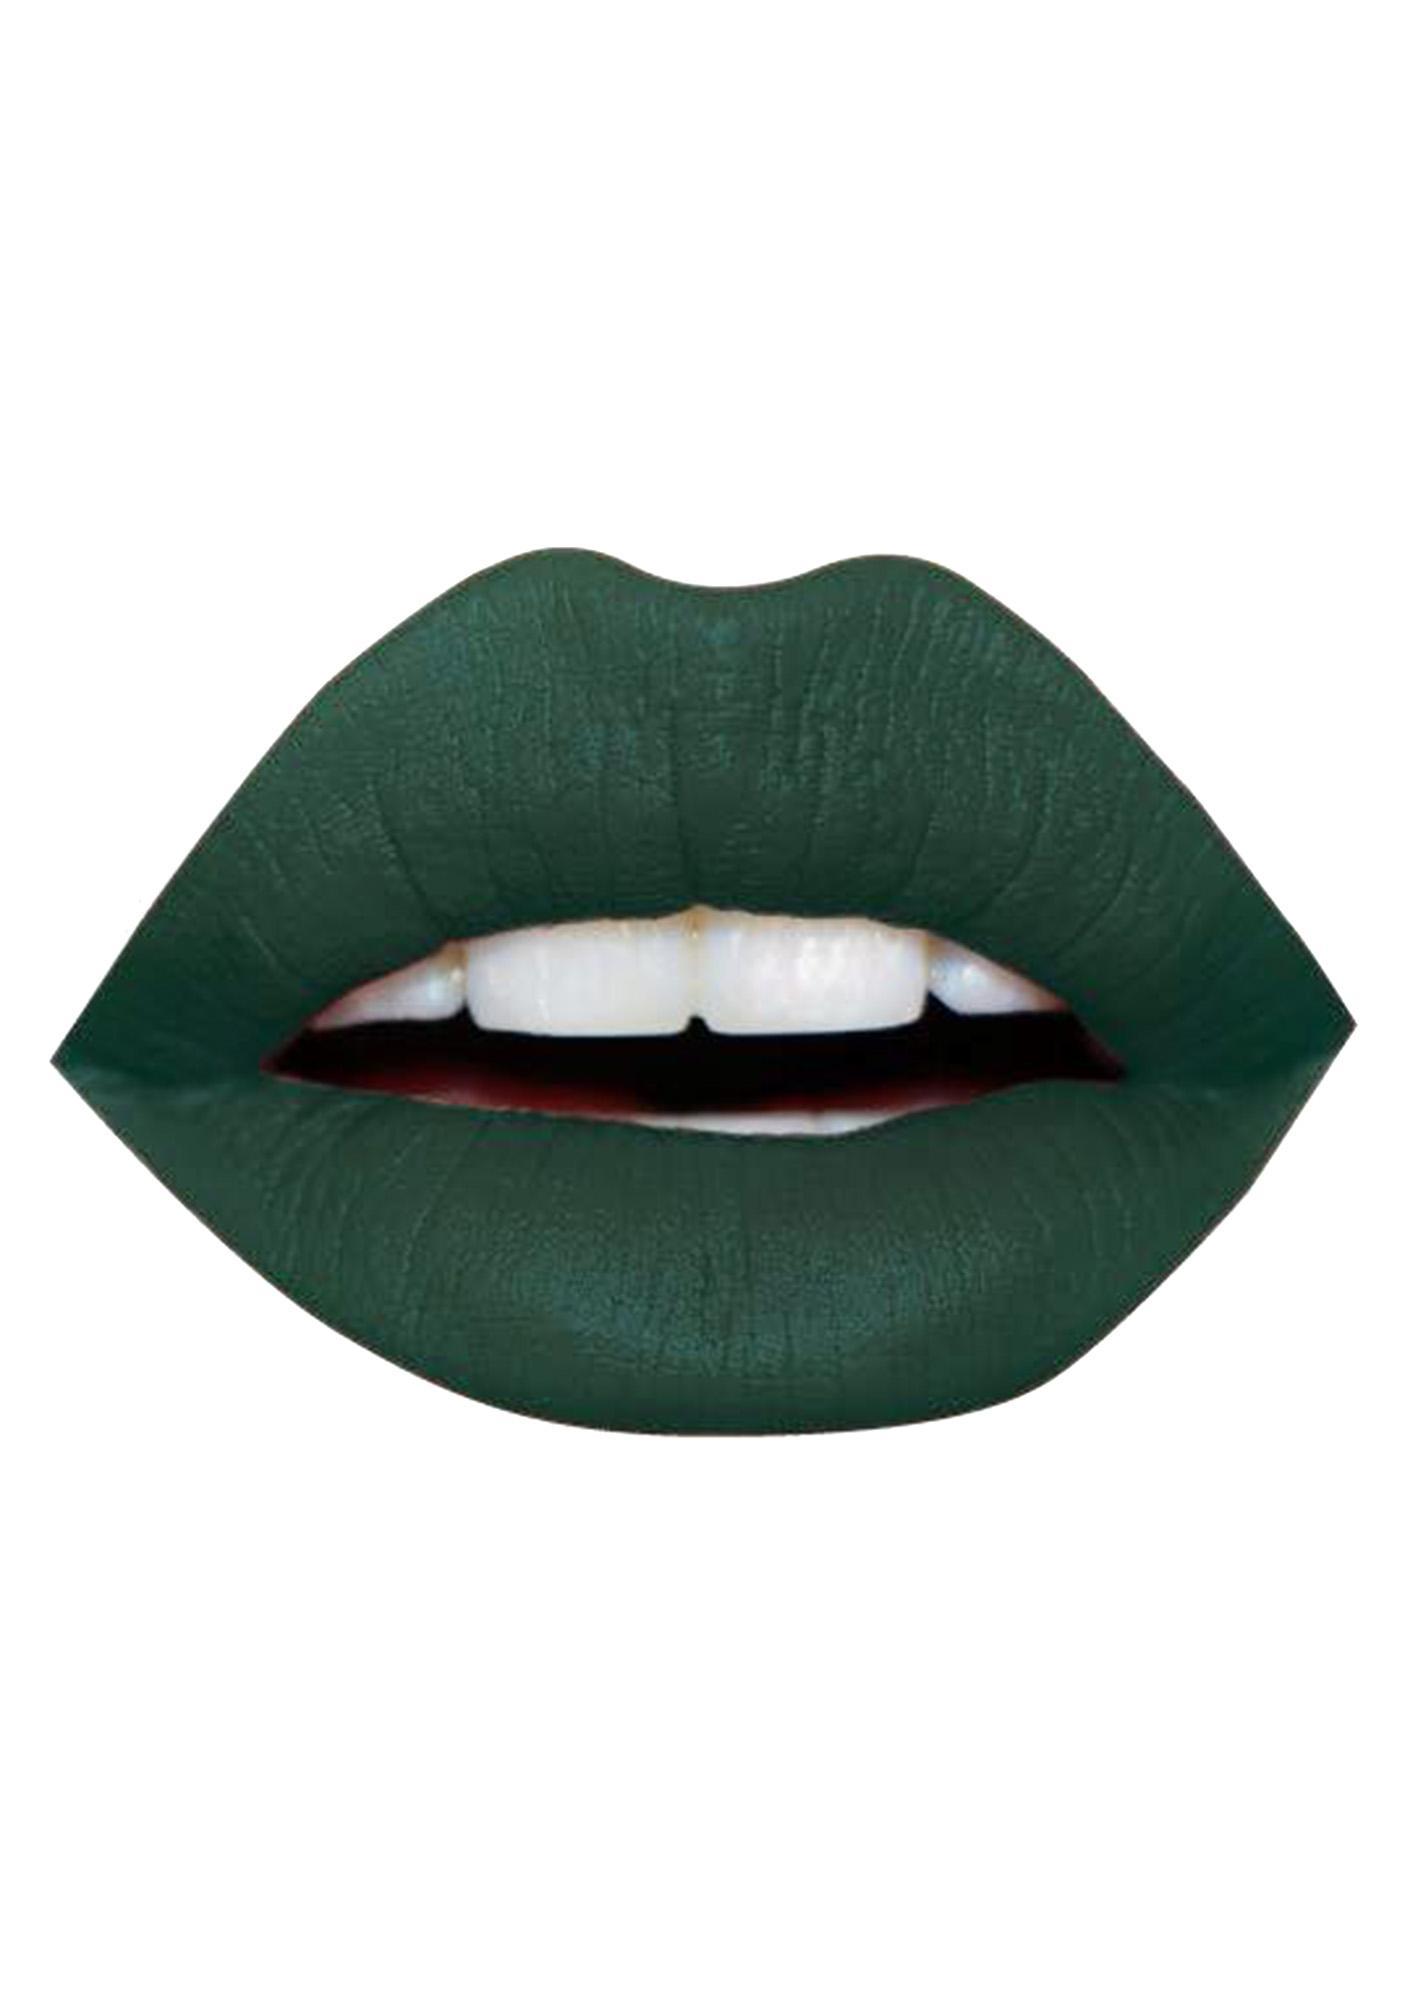 Lunatick Cosmetic Labs Creature Lip Slick